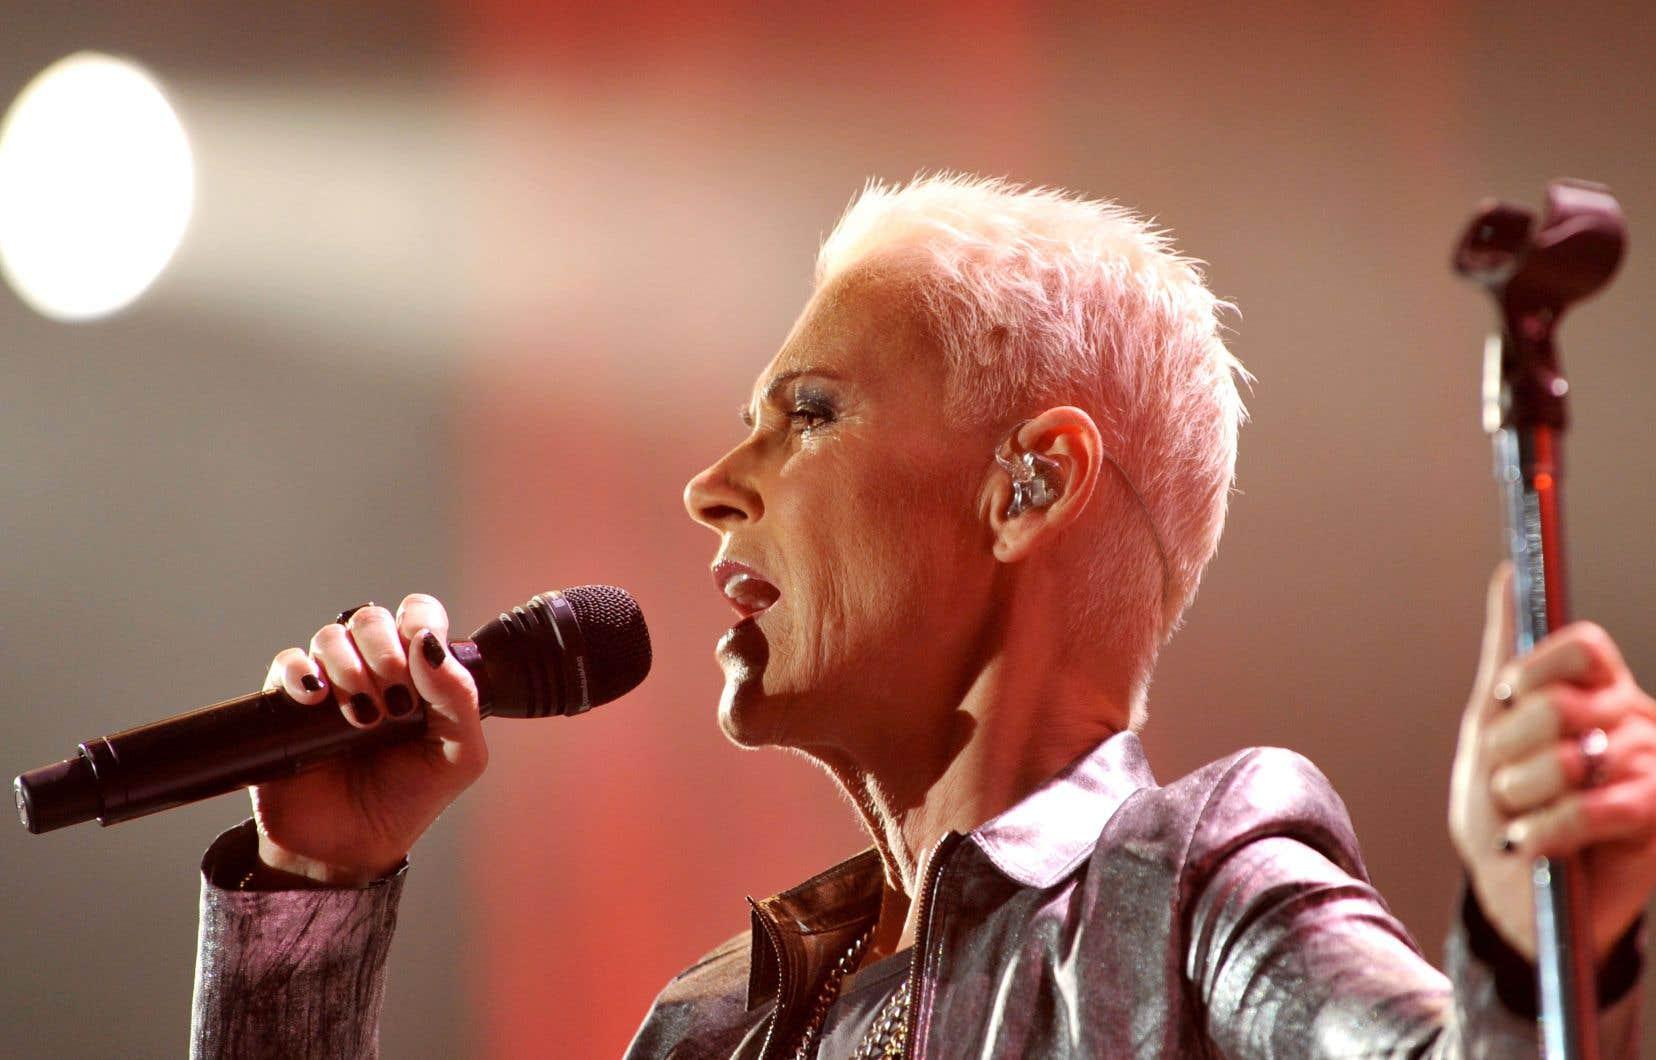 La chanteuse suédoise Marie Fredriksson était soignée depuis 2002 pour une tumeur cérébrale.